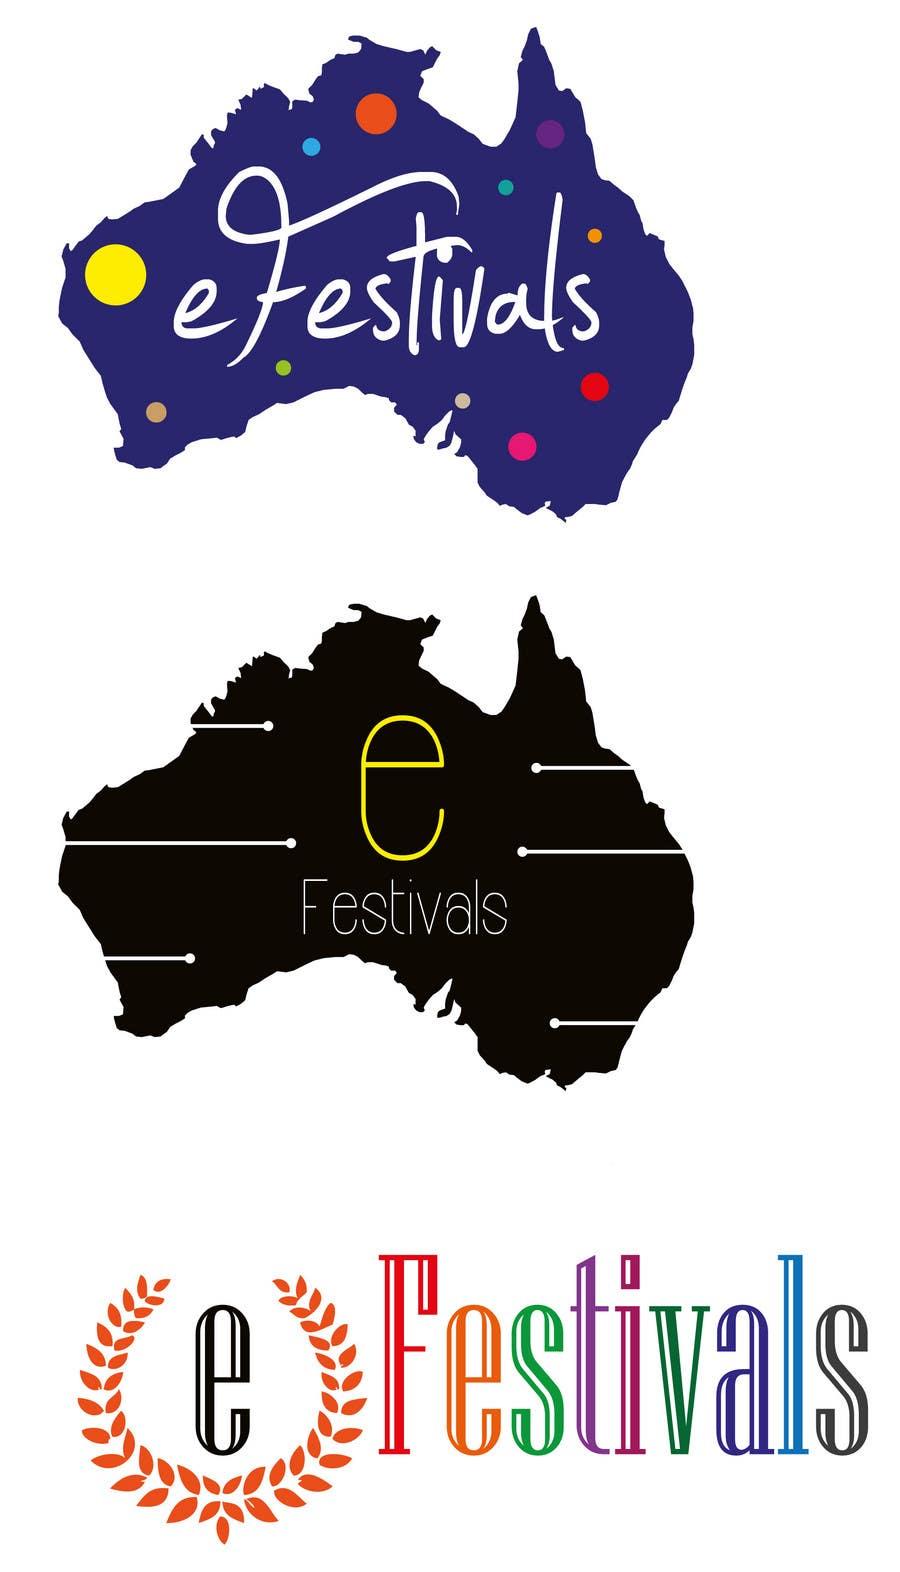 Inscrição nº 21 do Concurso para Logo Design for eFestivals